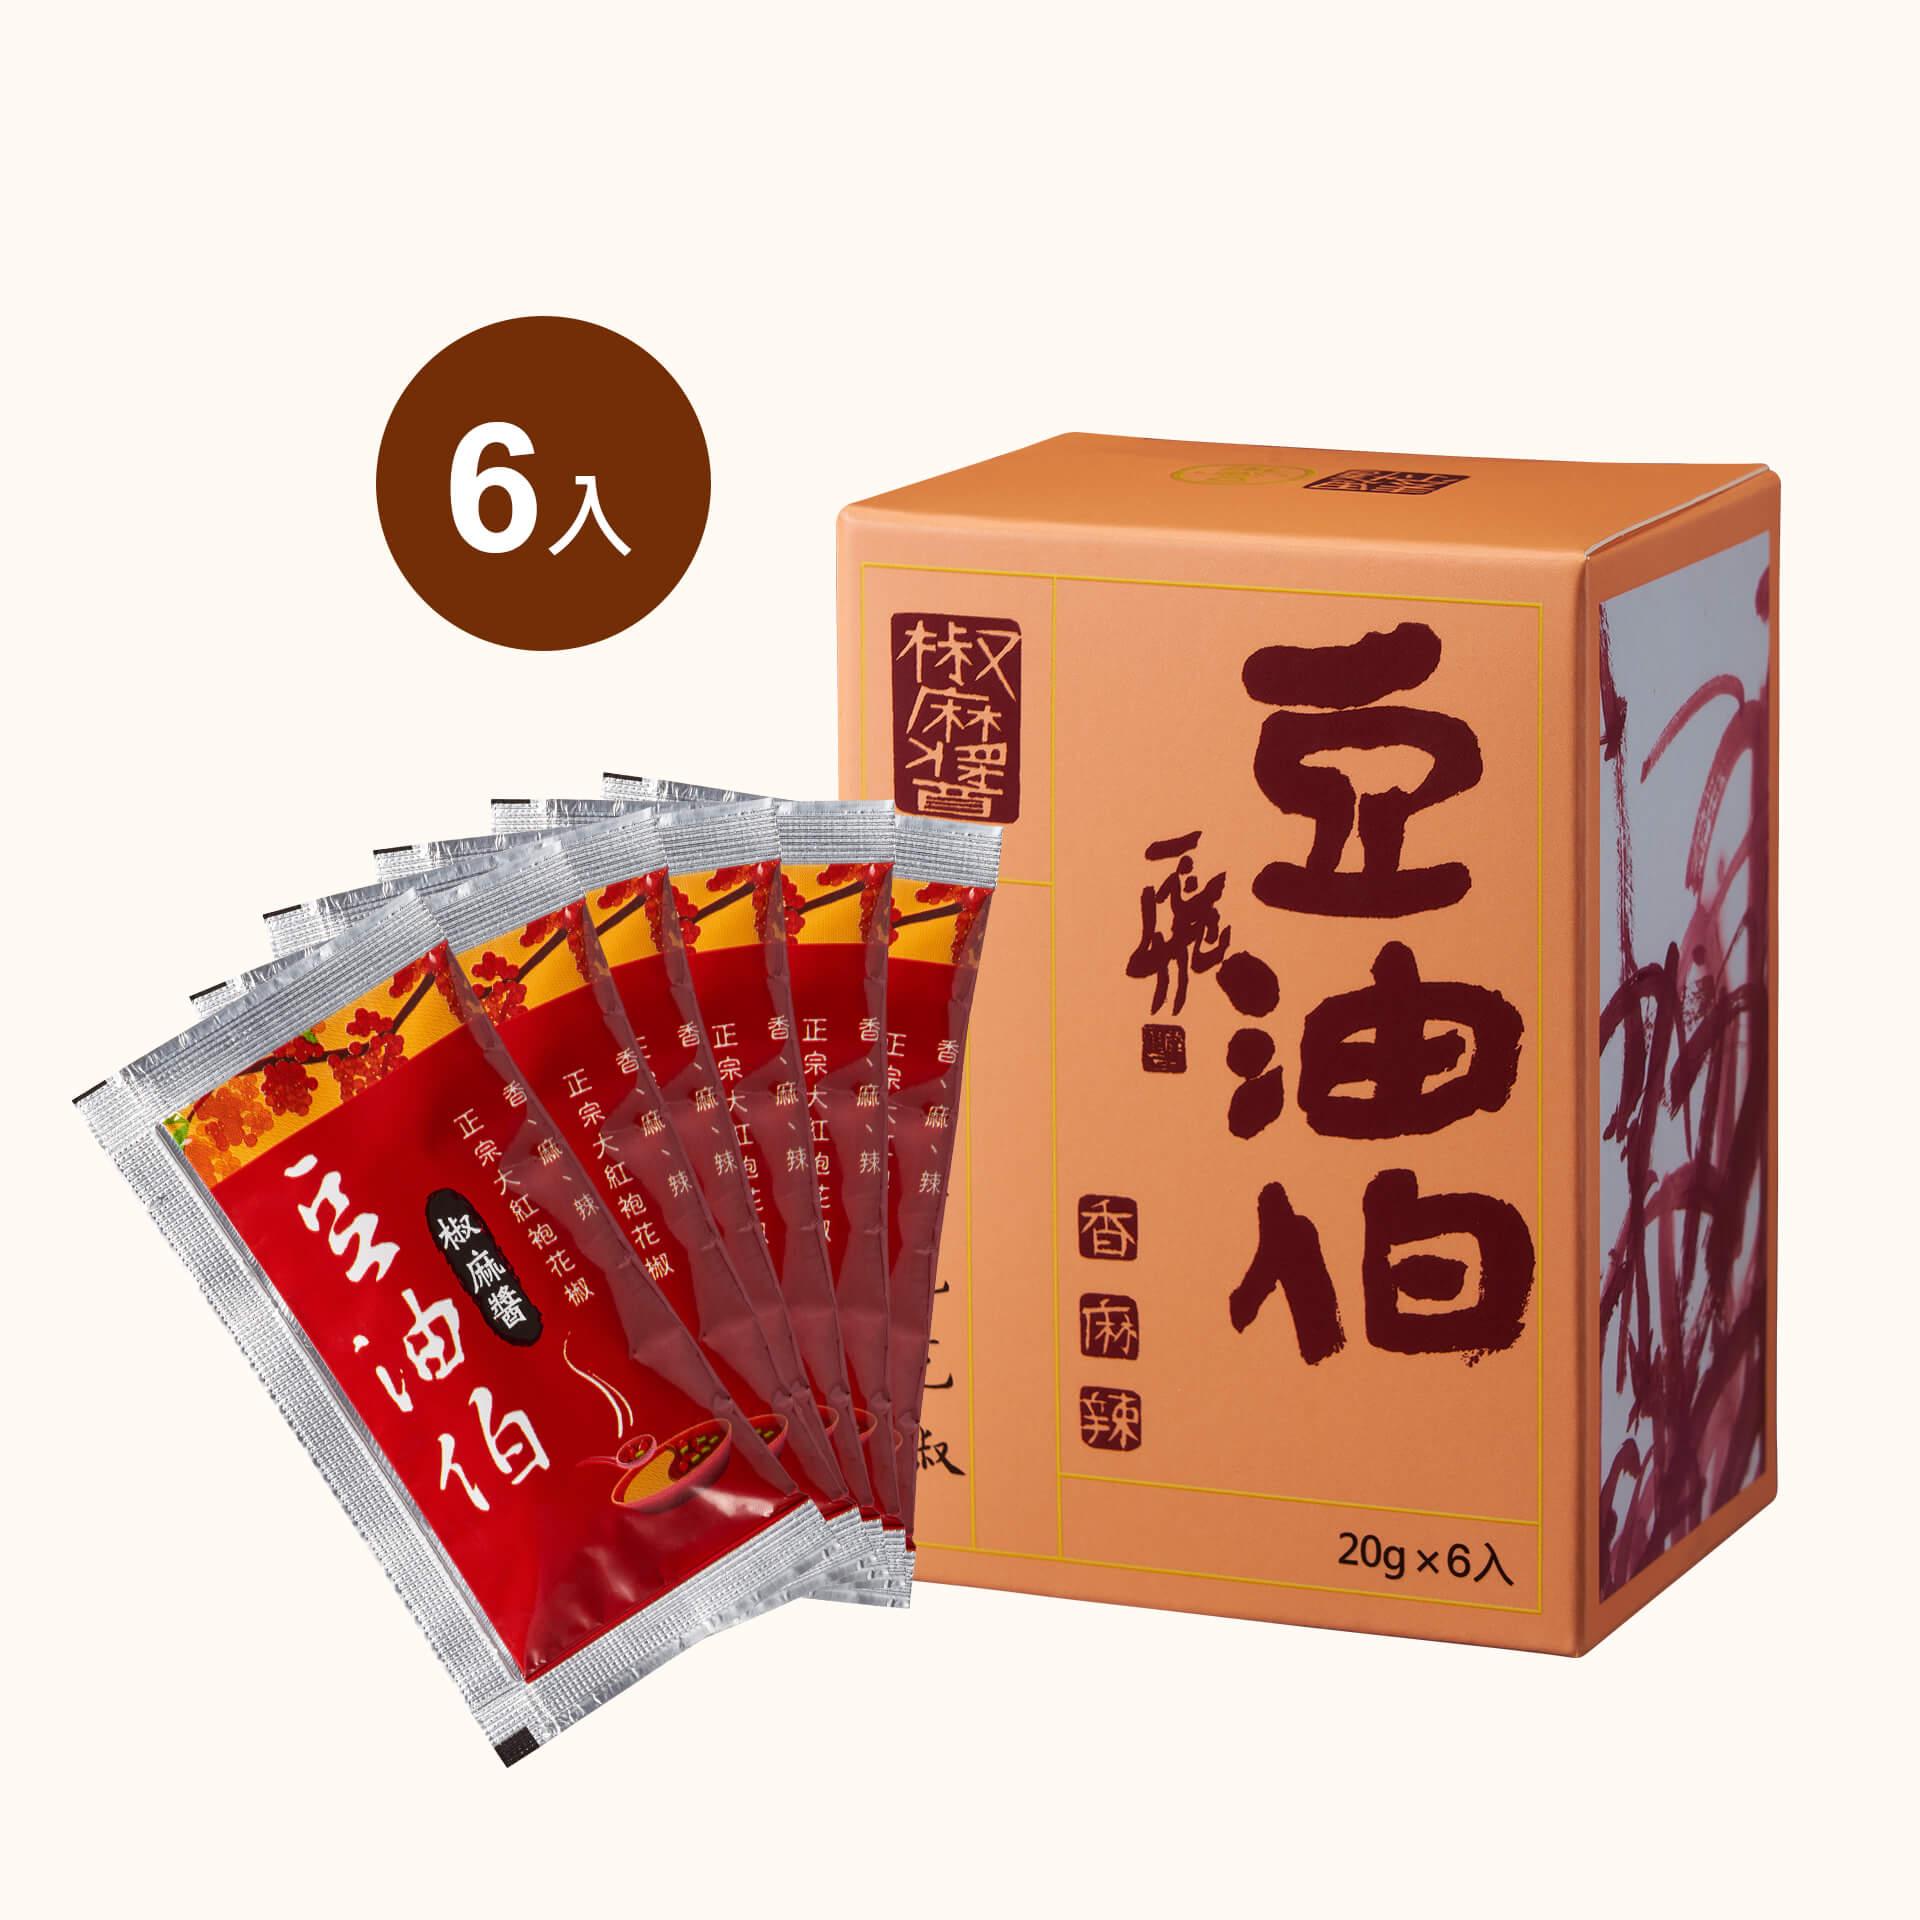 【新品推薦】豆油伯椒麻醬(6入隨身包)